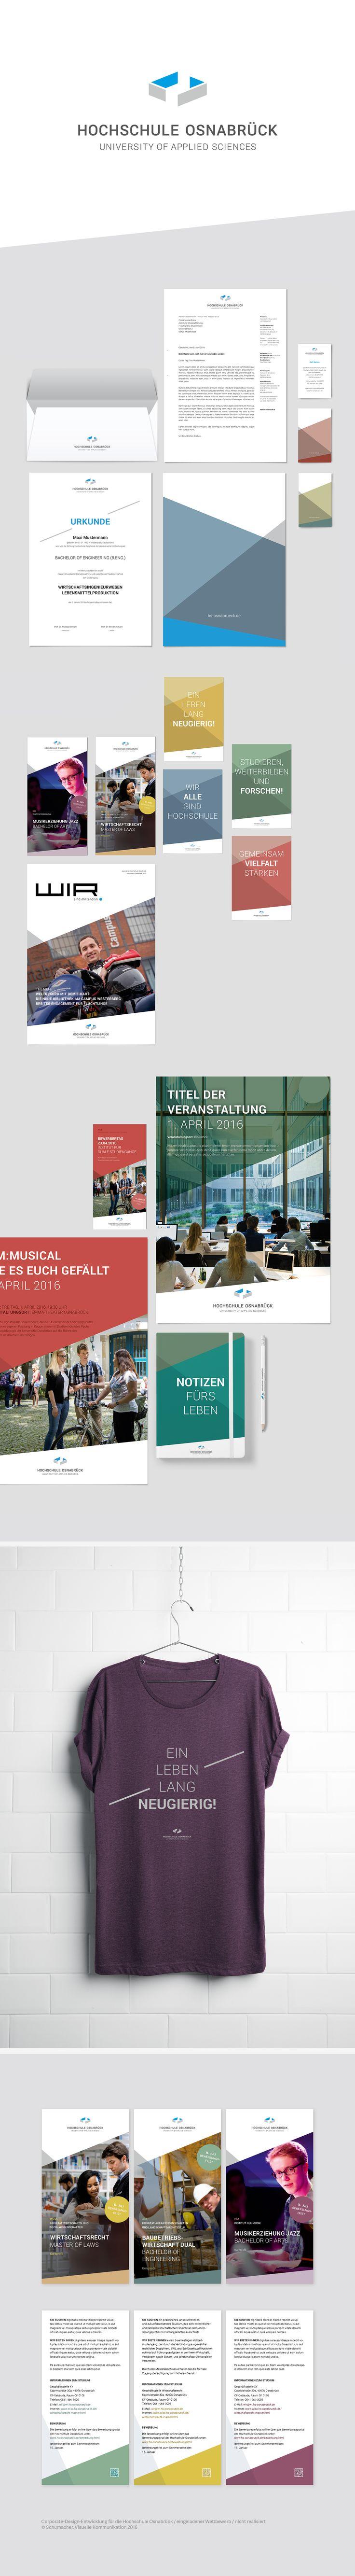 Corporate Designs für die Hochschule Osnabrück, eingeladener Wettbewerb. Nicht realisiertes Projekt. Basis war die von uns entwickelte neue Website der Hochschule. #corporatedesign #pitch #website #erscheinungsbild #hsos #hochschule #osnabrueck